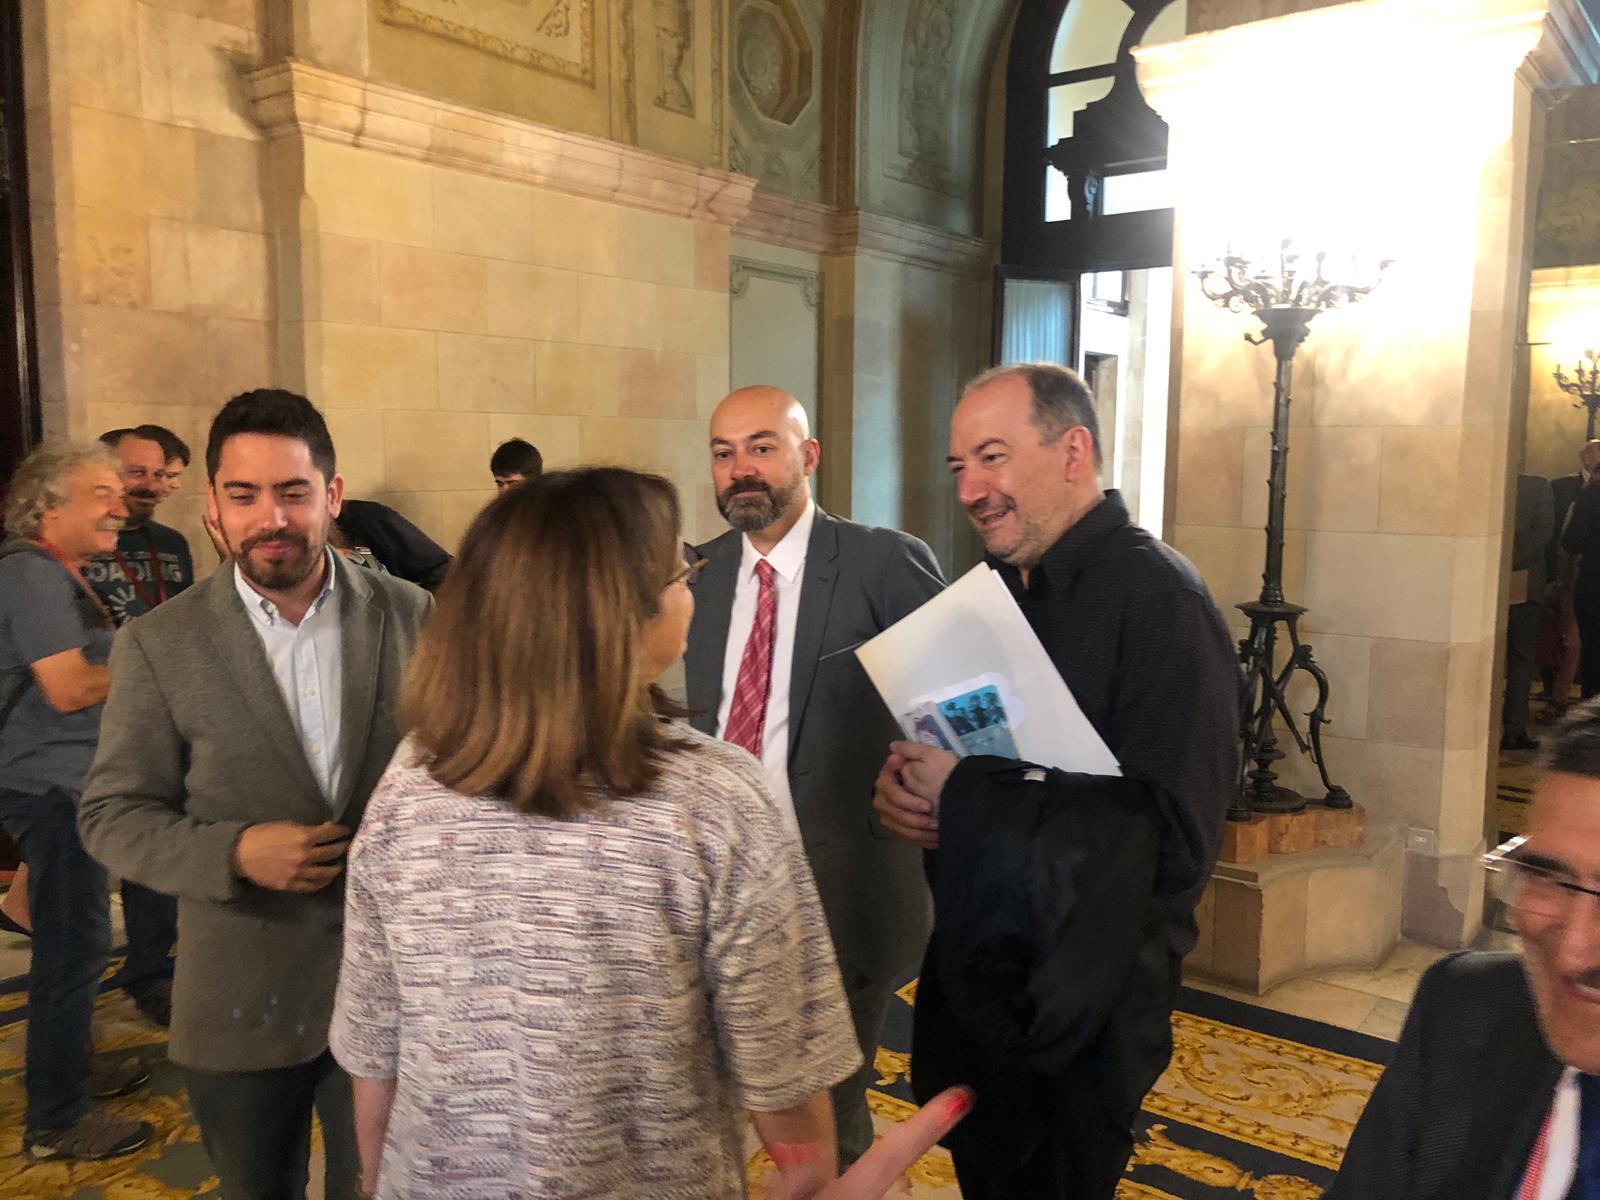 Núria Llorach i Vicent Sanchis parlen mentre Saül Gordillo se'ls mir